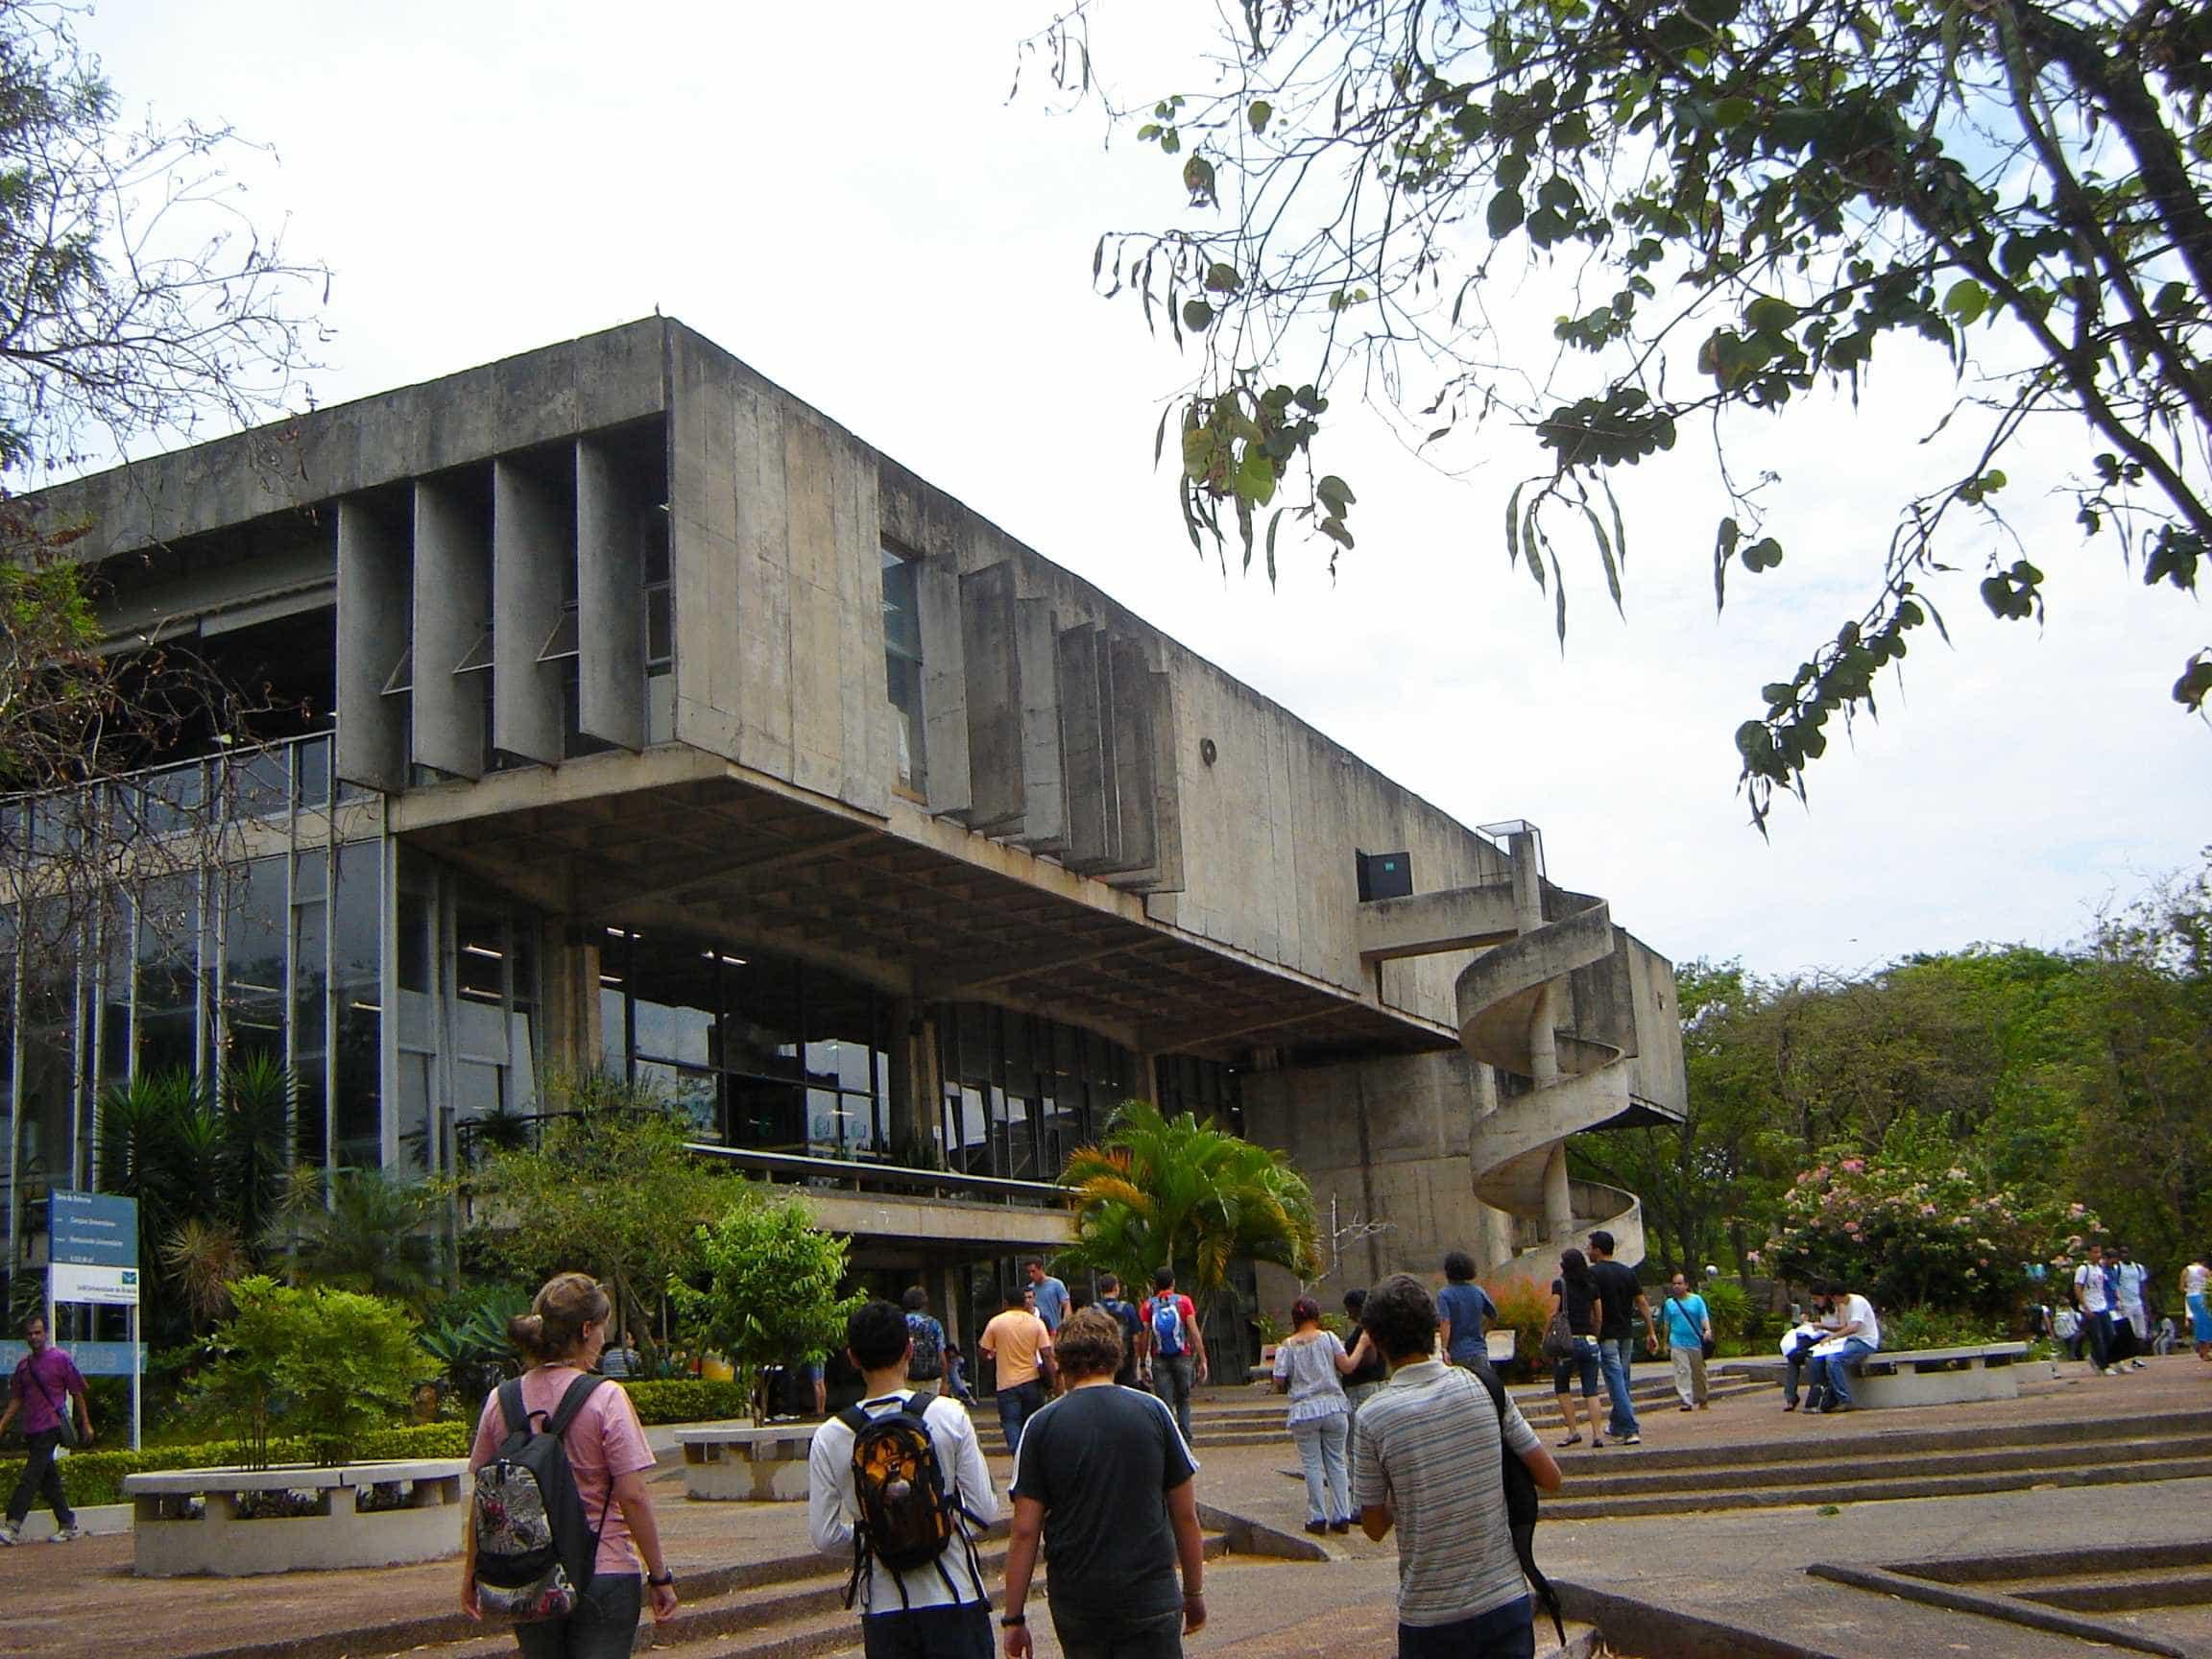 Estudante da UnB é encontrado morto em área da universidade